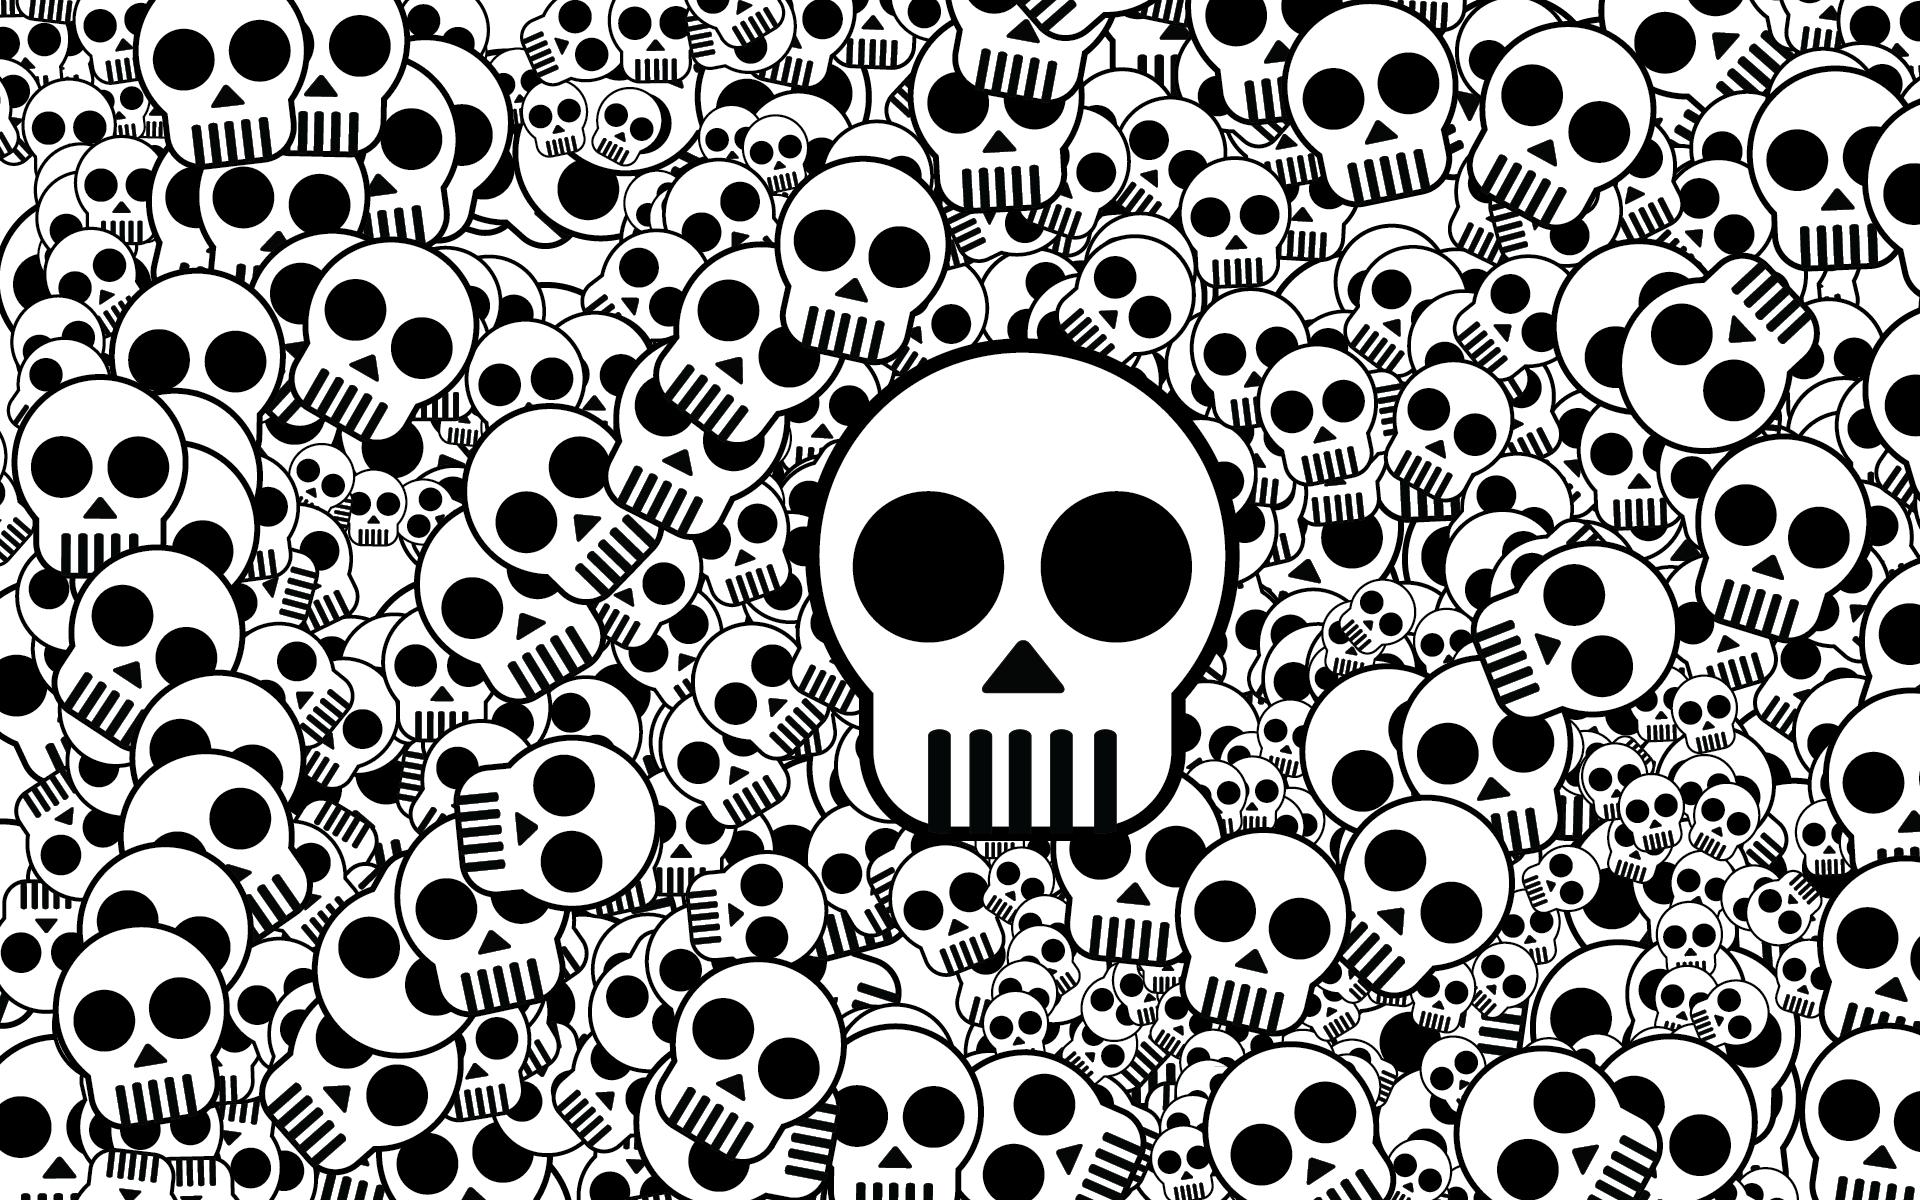 hd skulls wallpapers - google search | skulls (x.x)/ | pinterest